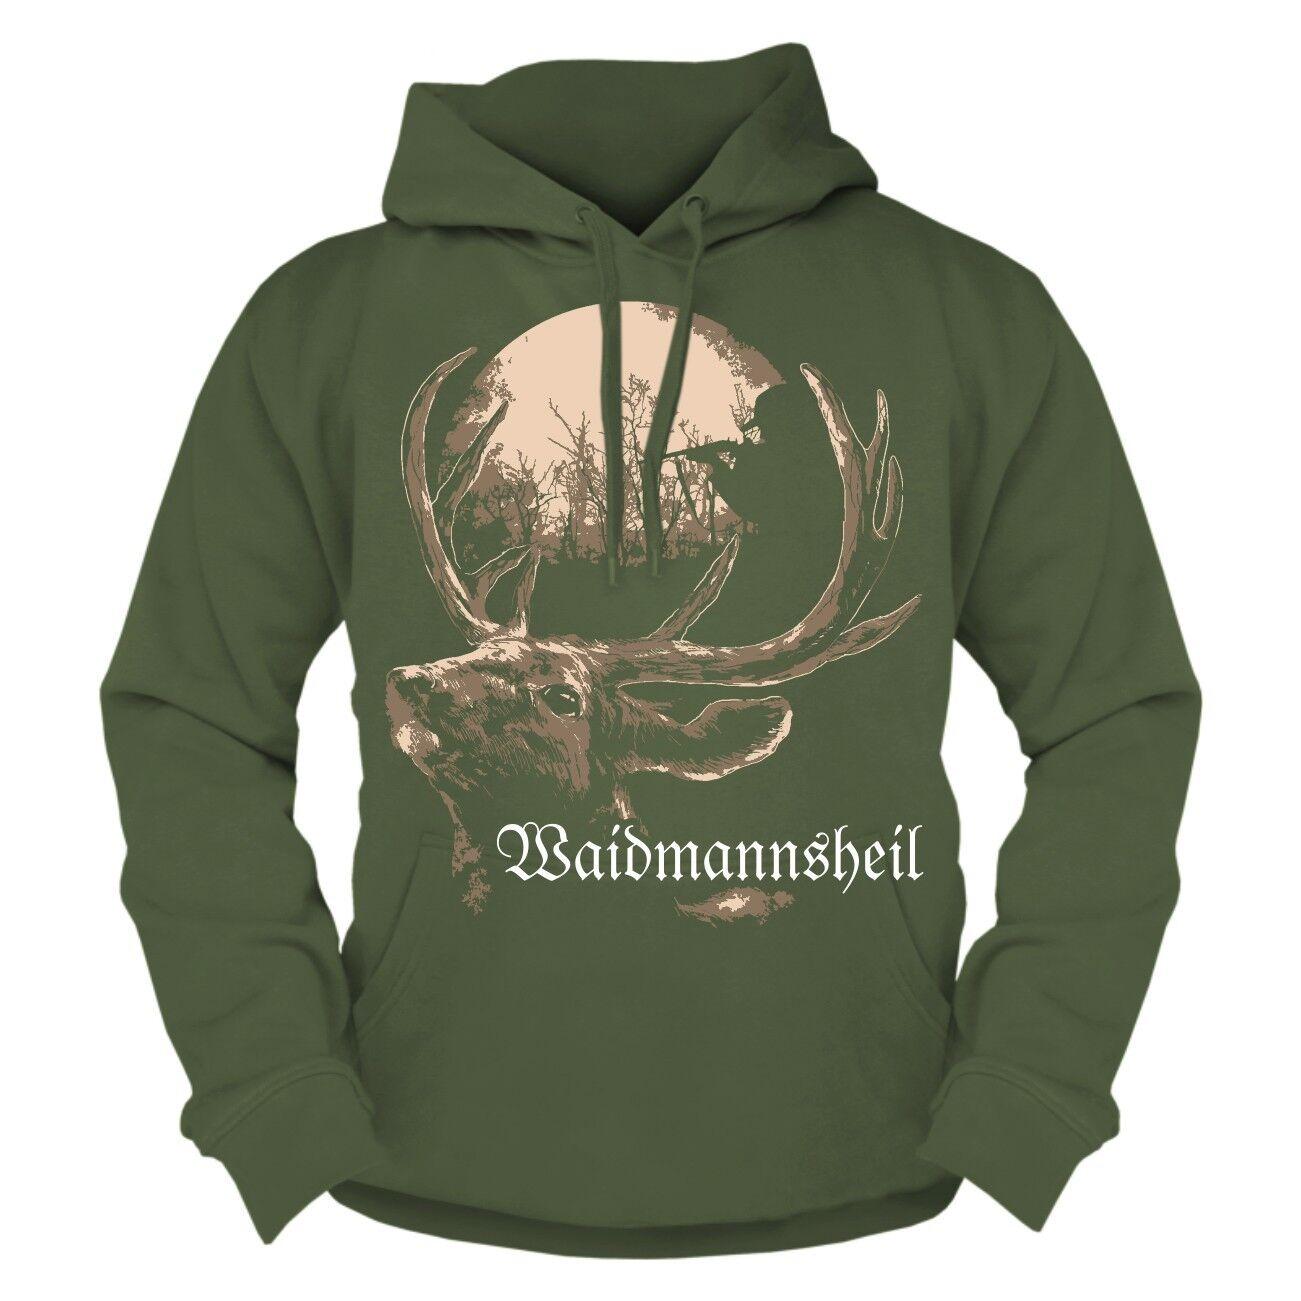 Kapuzenpullover Waidmannsheil Hoodie Jäger Förster Jagd Jagen Hirsch Hobby Beruf